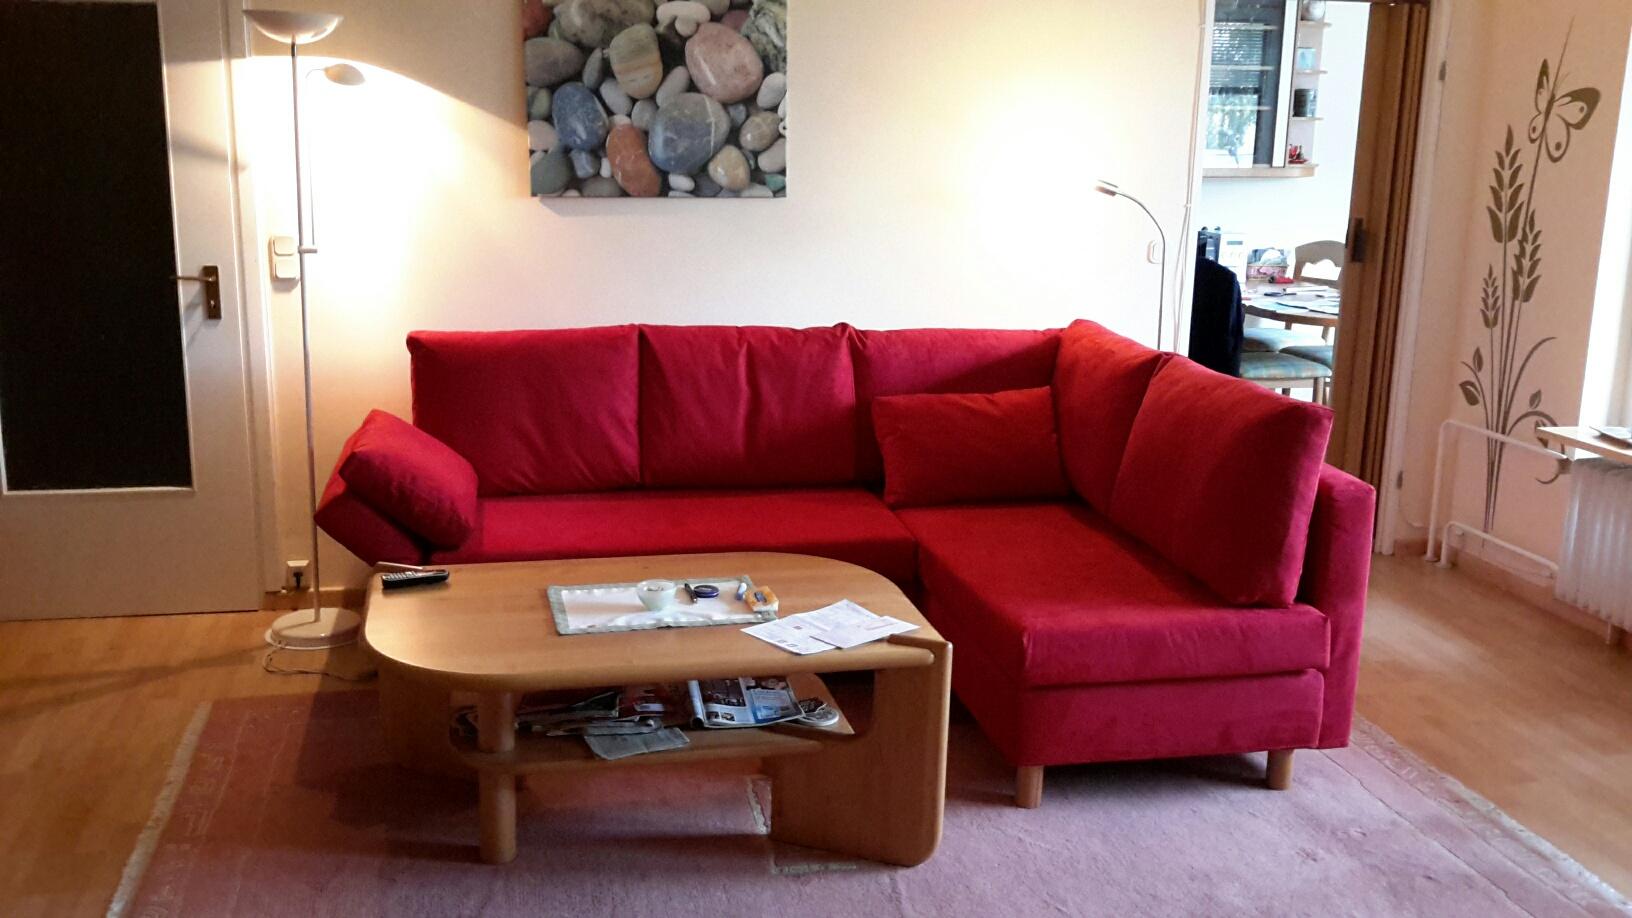 suche f r meine neue rote couch einen hellgrauen teppich. Black Bedroom Furniture Sets. Home Design Ideas